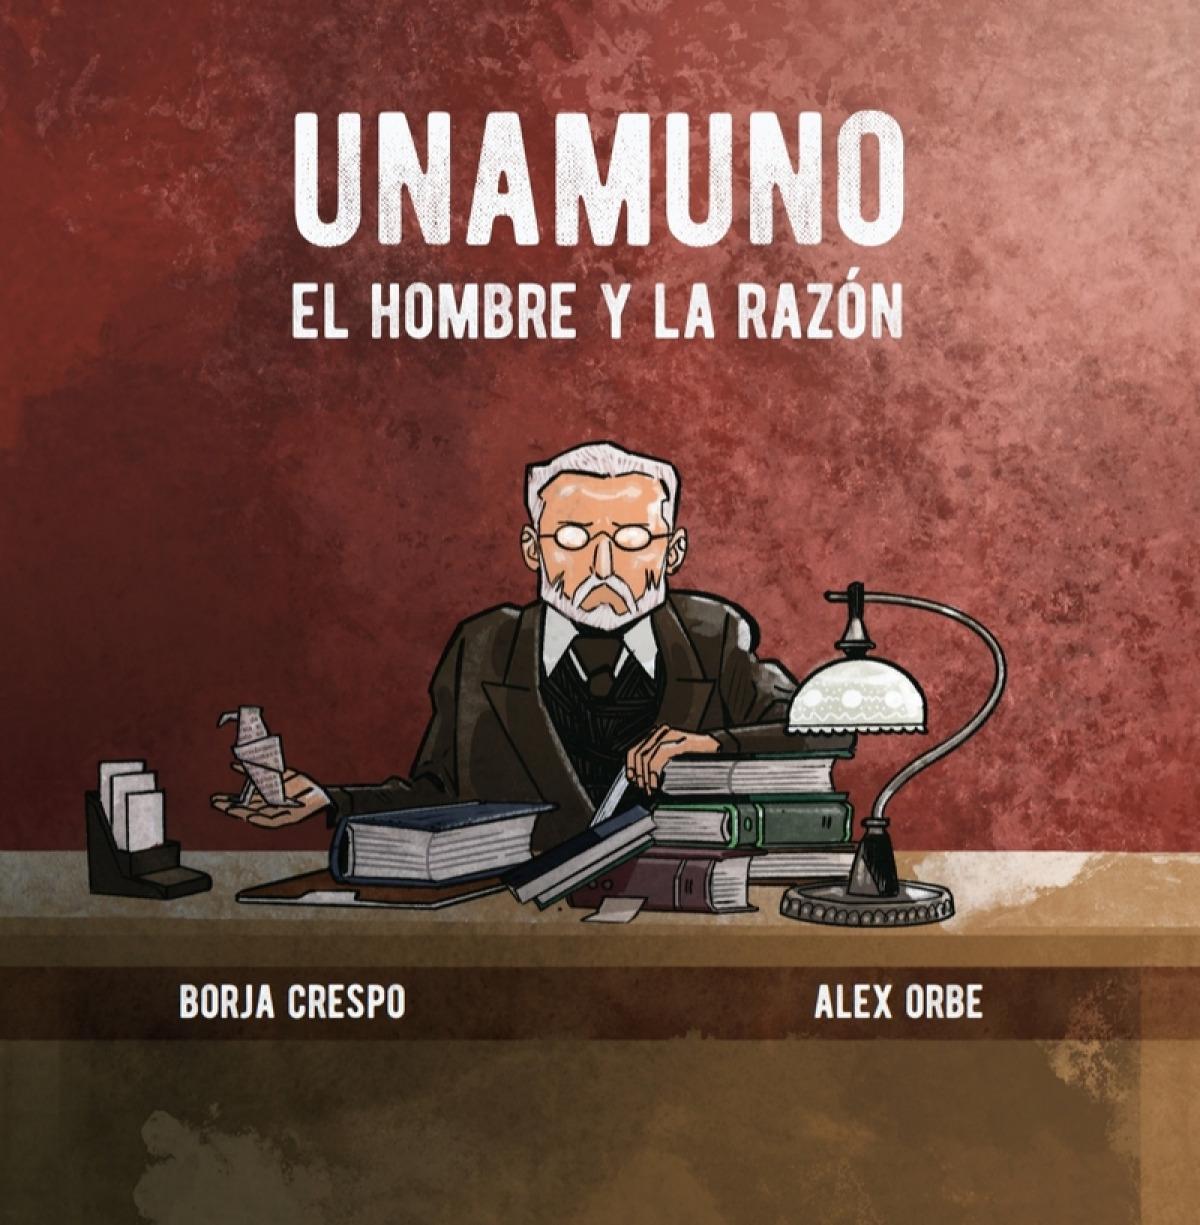 UNAMUNO. El hombre y la razón